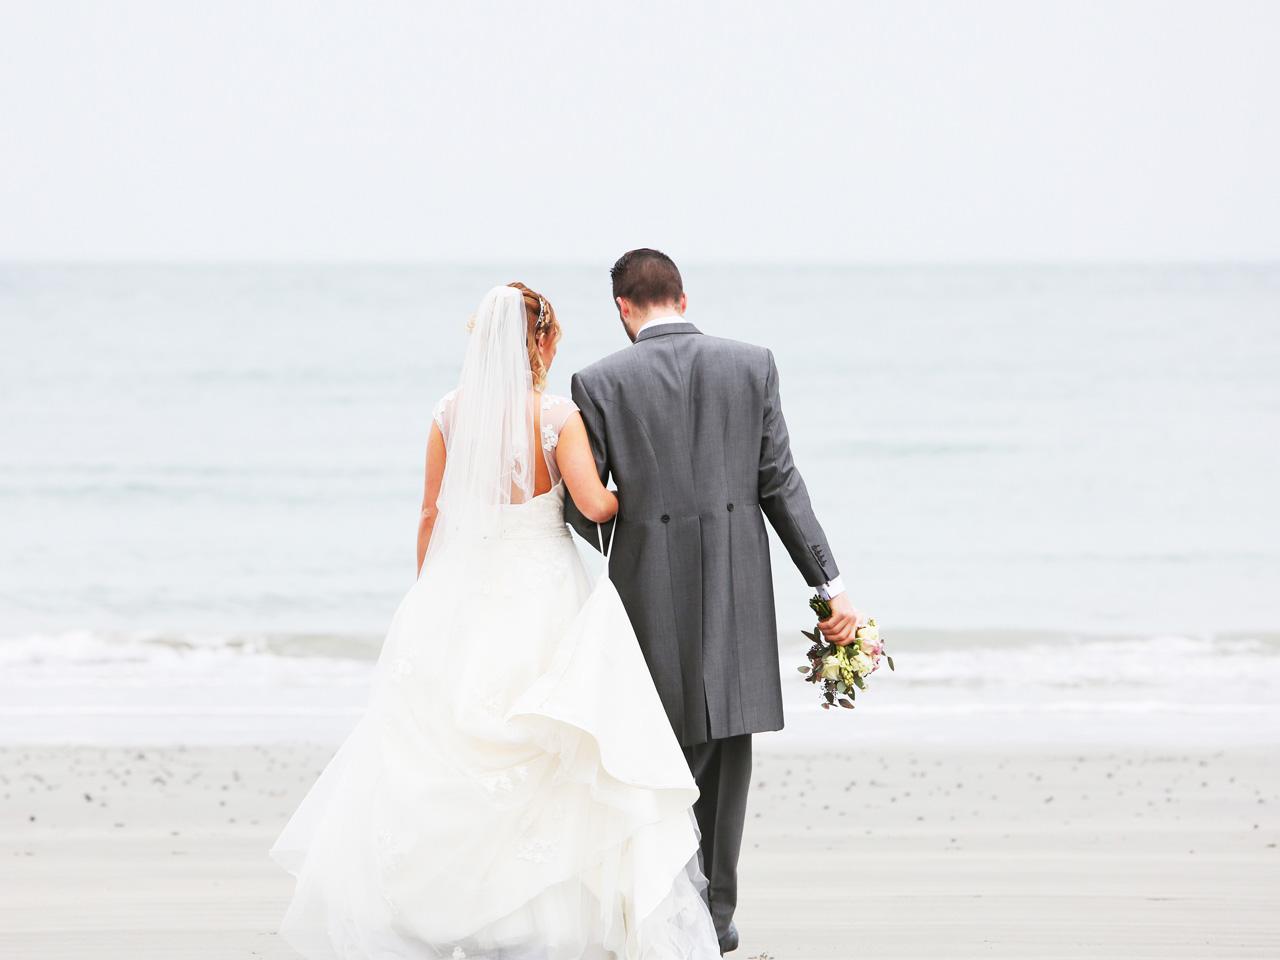 Wedding Venues Antrim Wedding Hotels Antrim Ballygally Castle